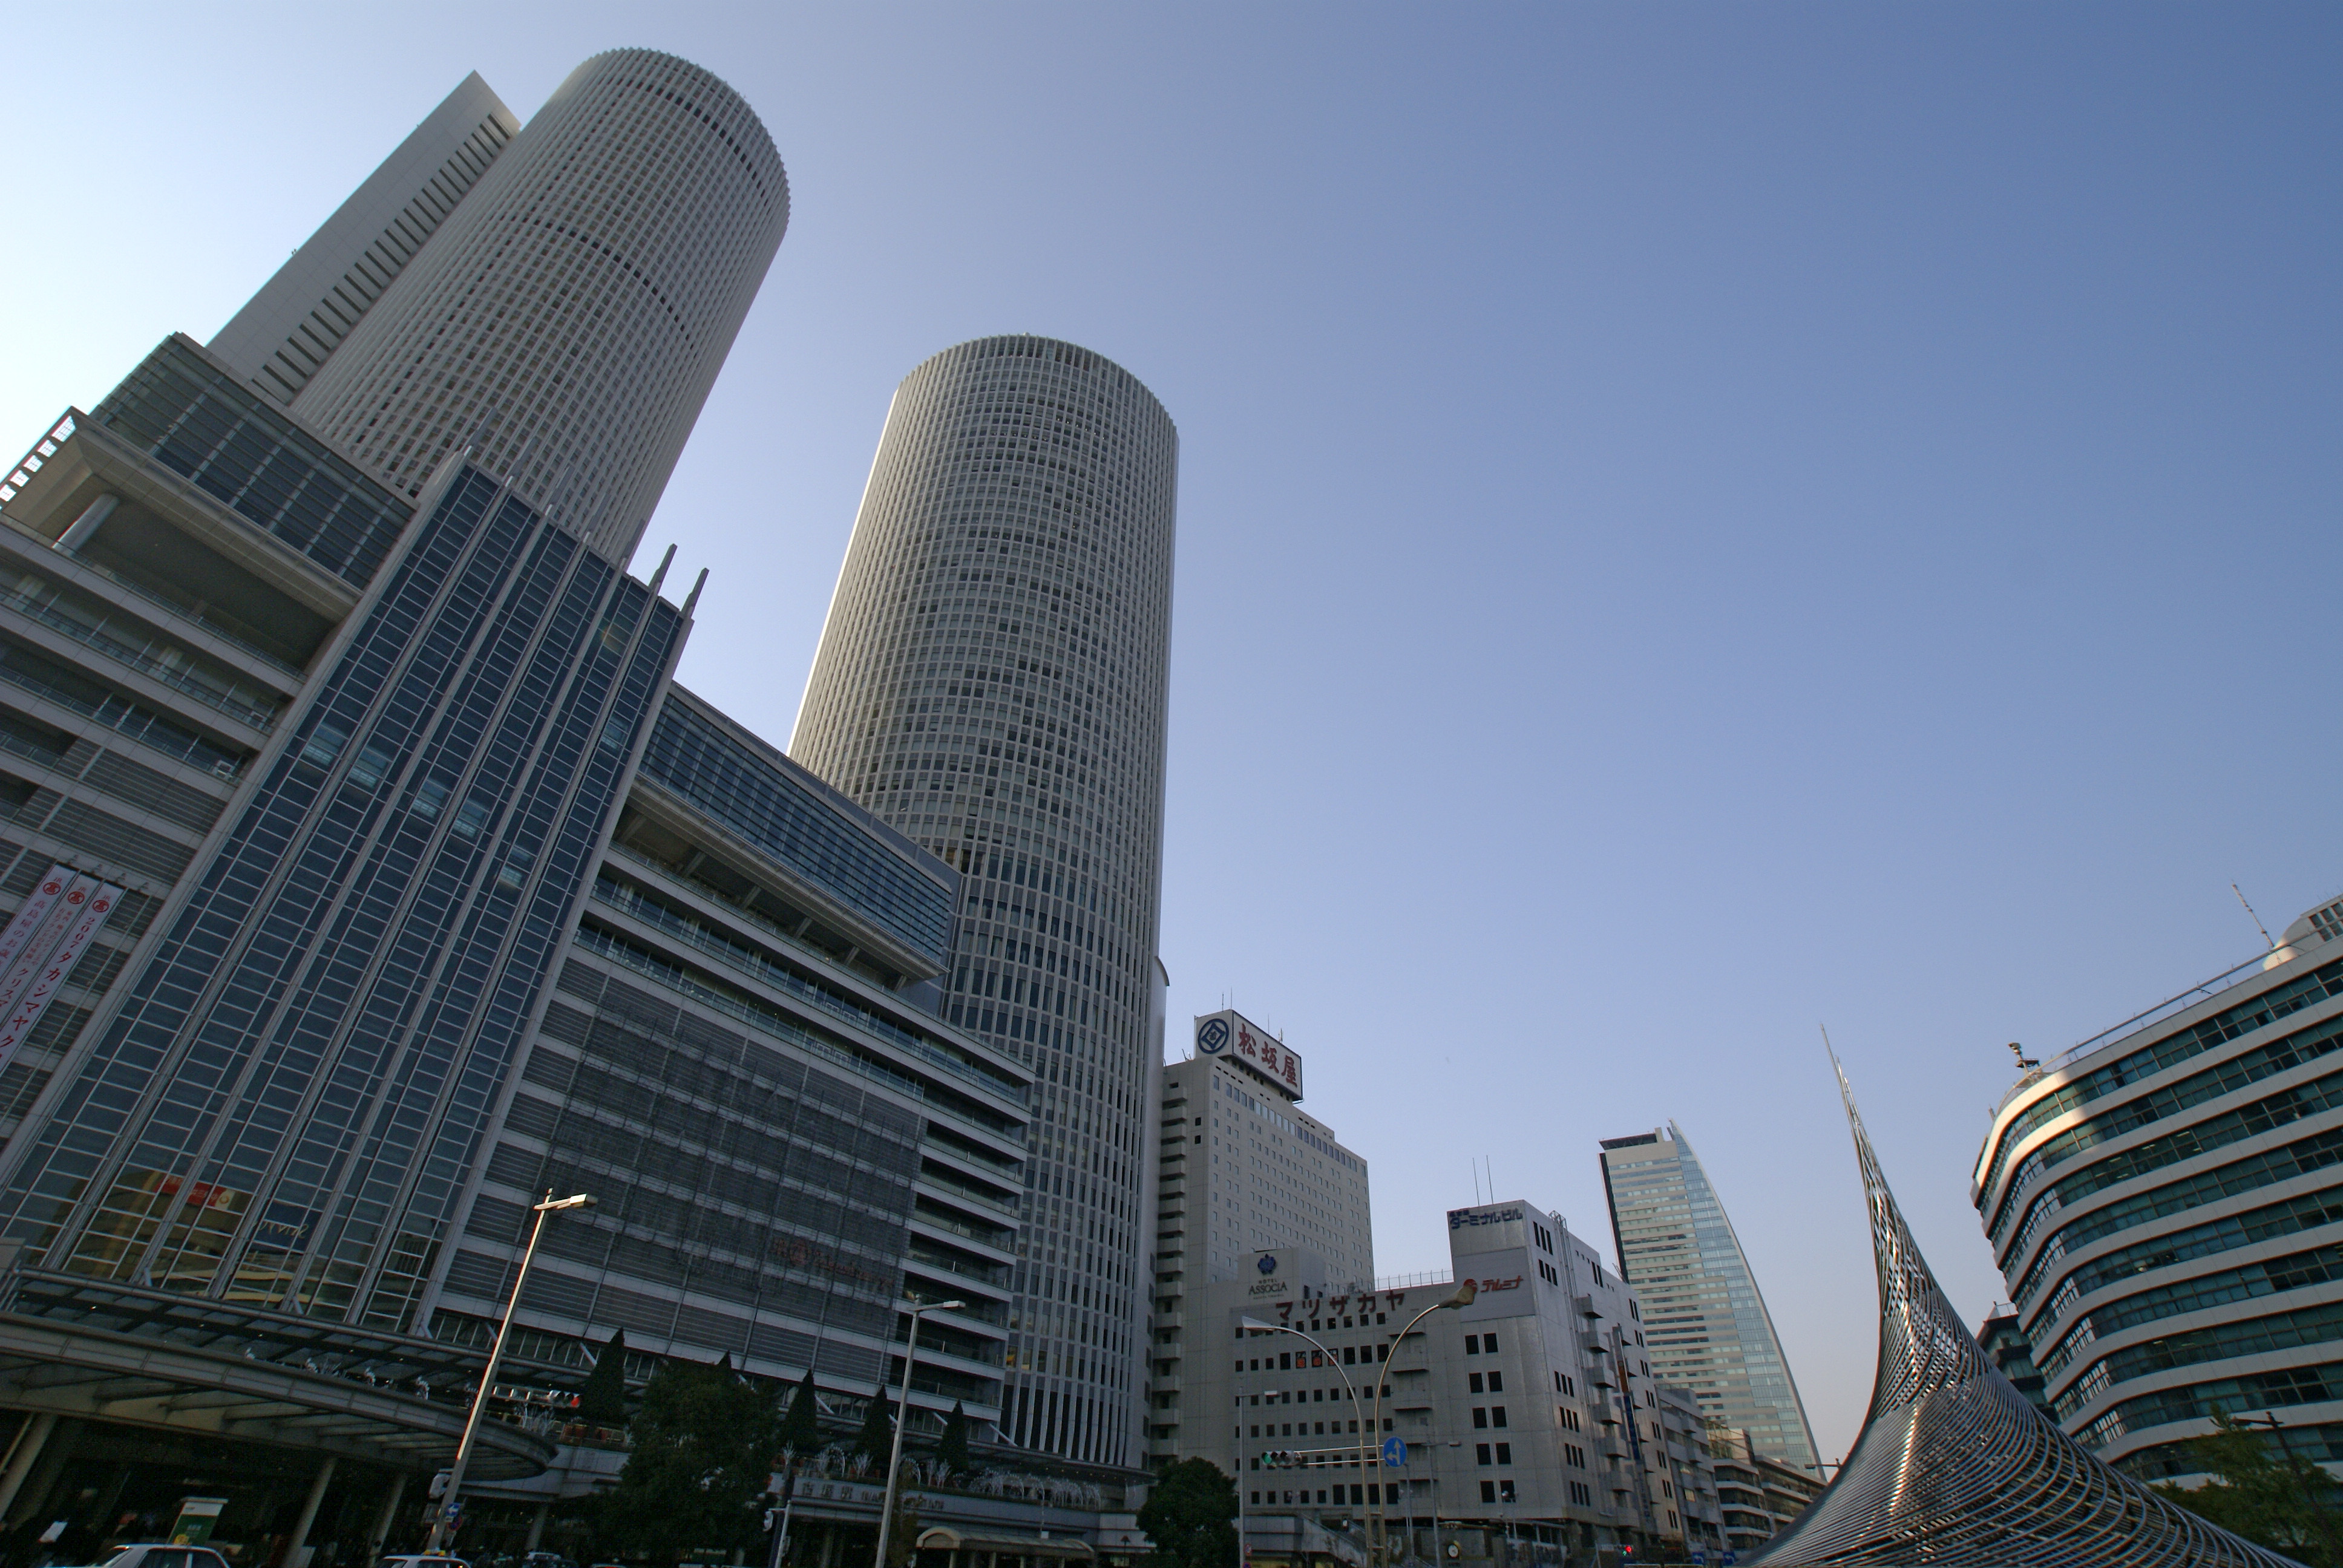 【地域】「魅力のない街」扱いの名古屋、「住みやすさ」PRで挽回...「リニアができれば東京も40分圏」 ★4 [無断転載禁止]©2ch.net YouTube動画>11本 ->画像>61枚